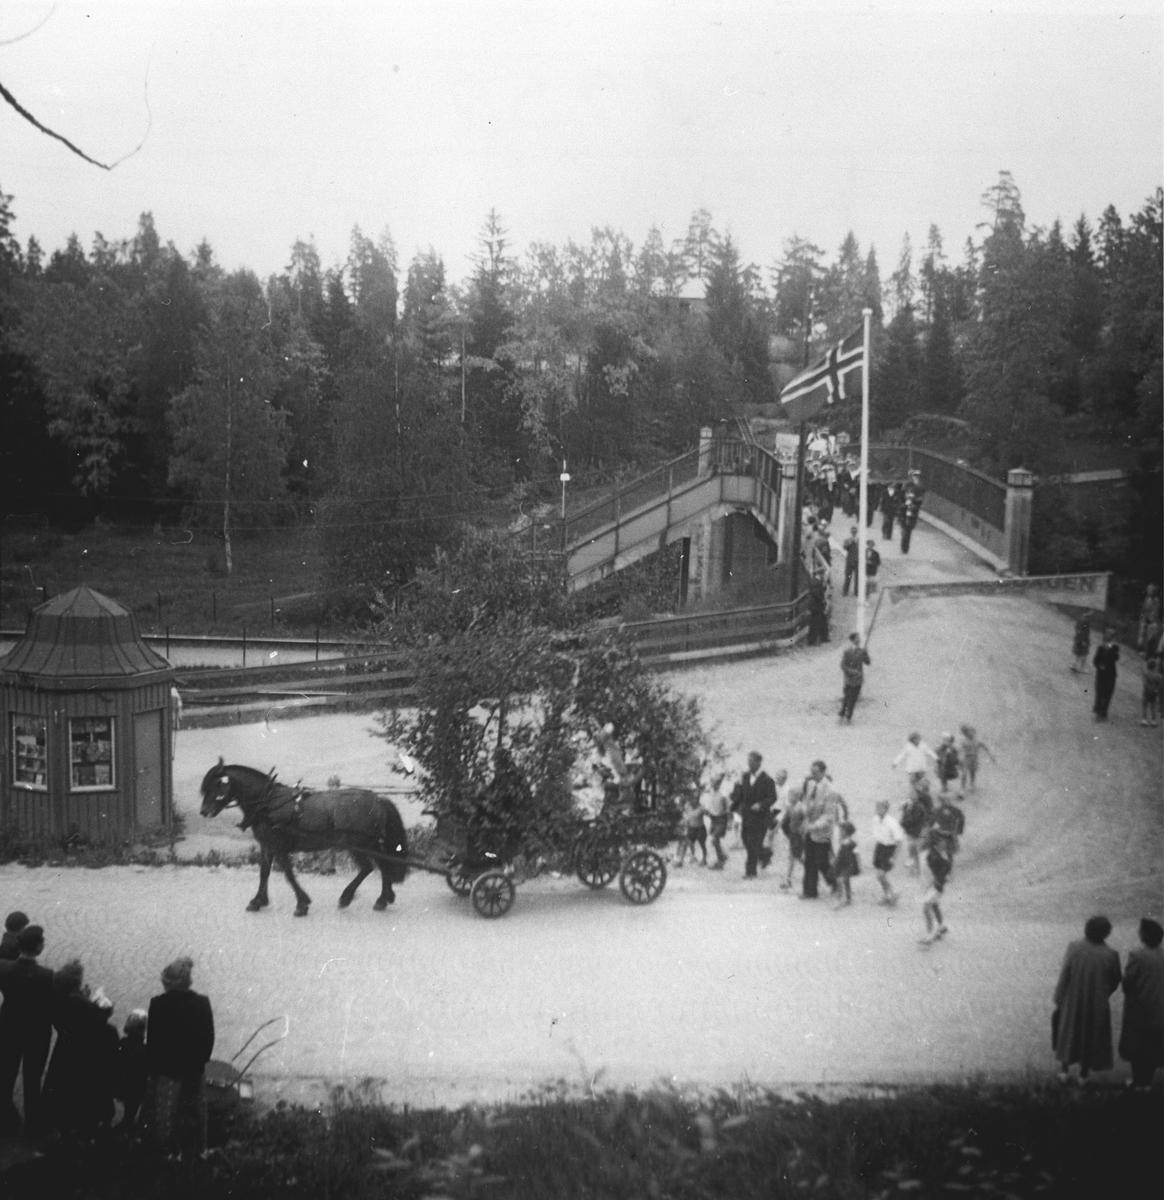 Musikkorps passerer over Myrvollbrua. Hest med løvpyntet kjerre passerer flaggstanga og kiosken.